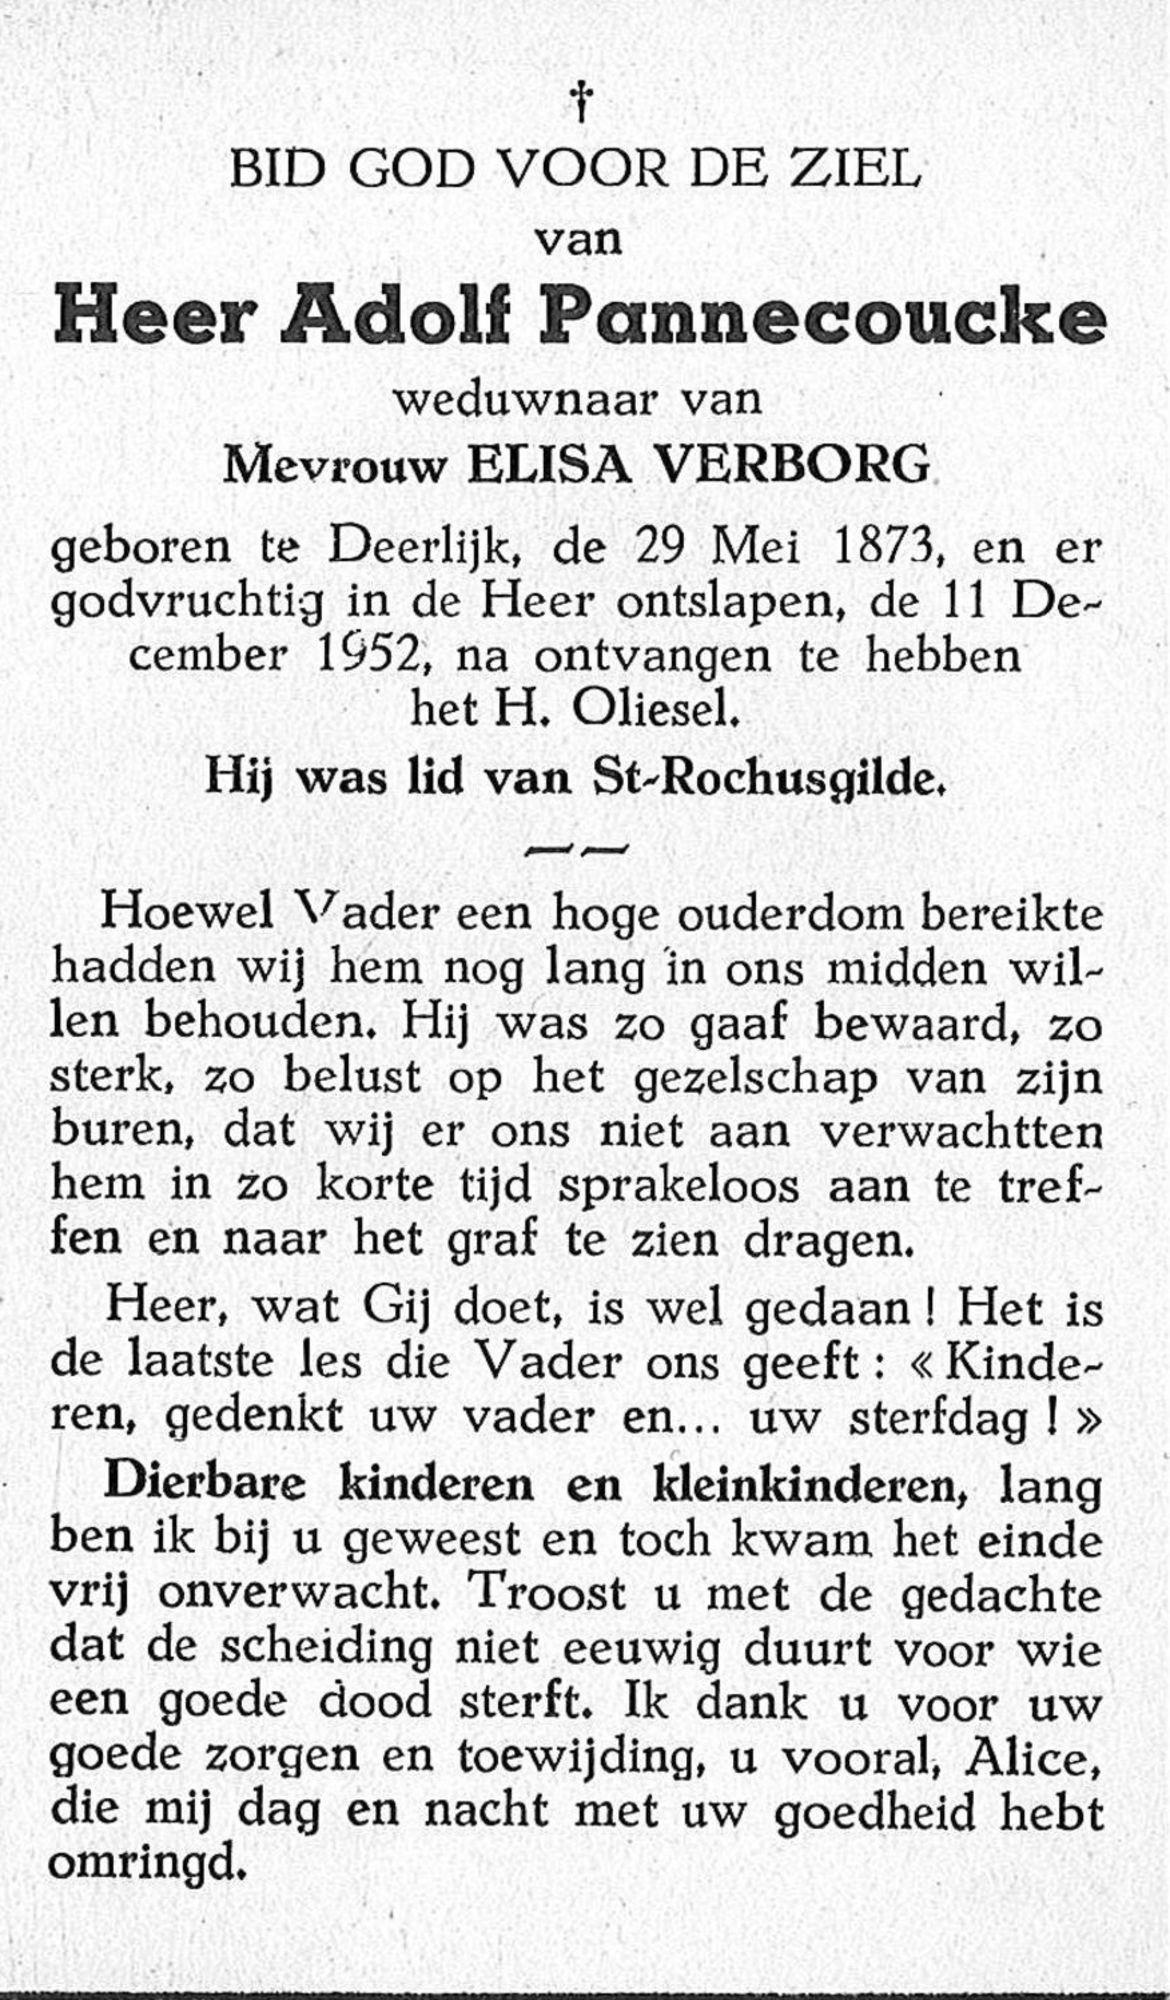 Adolf Pannecoucke